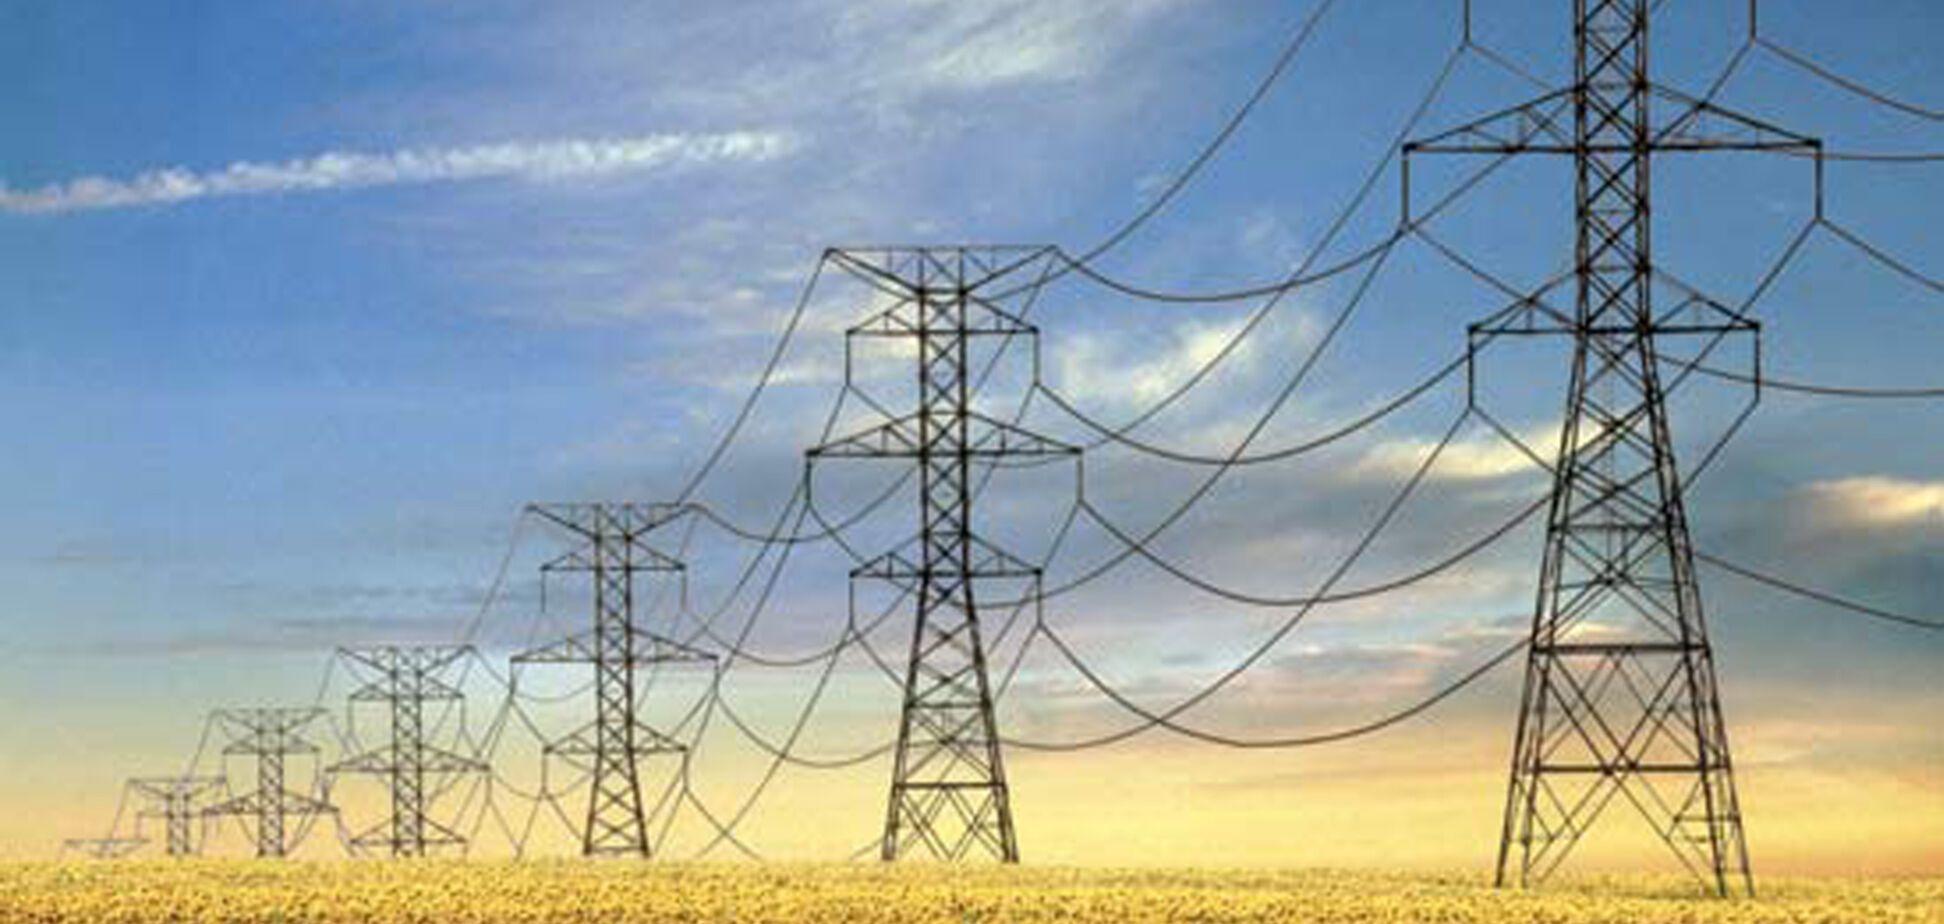 Підвищення тарифу на передачу електроенергії виглядає вкрай нелогічно, – Гаврюшин